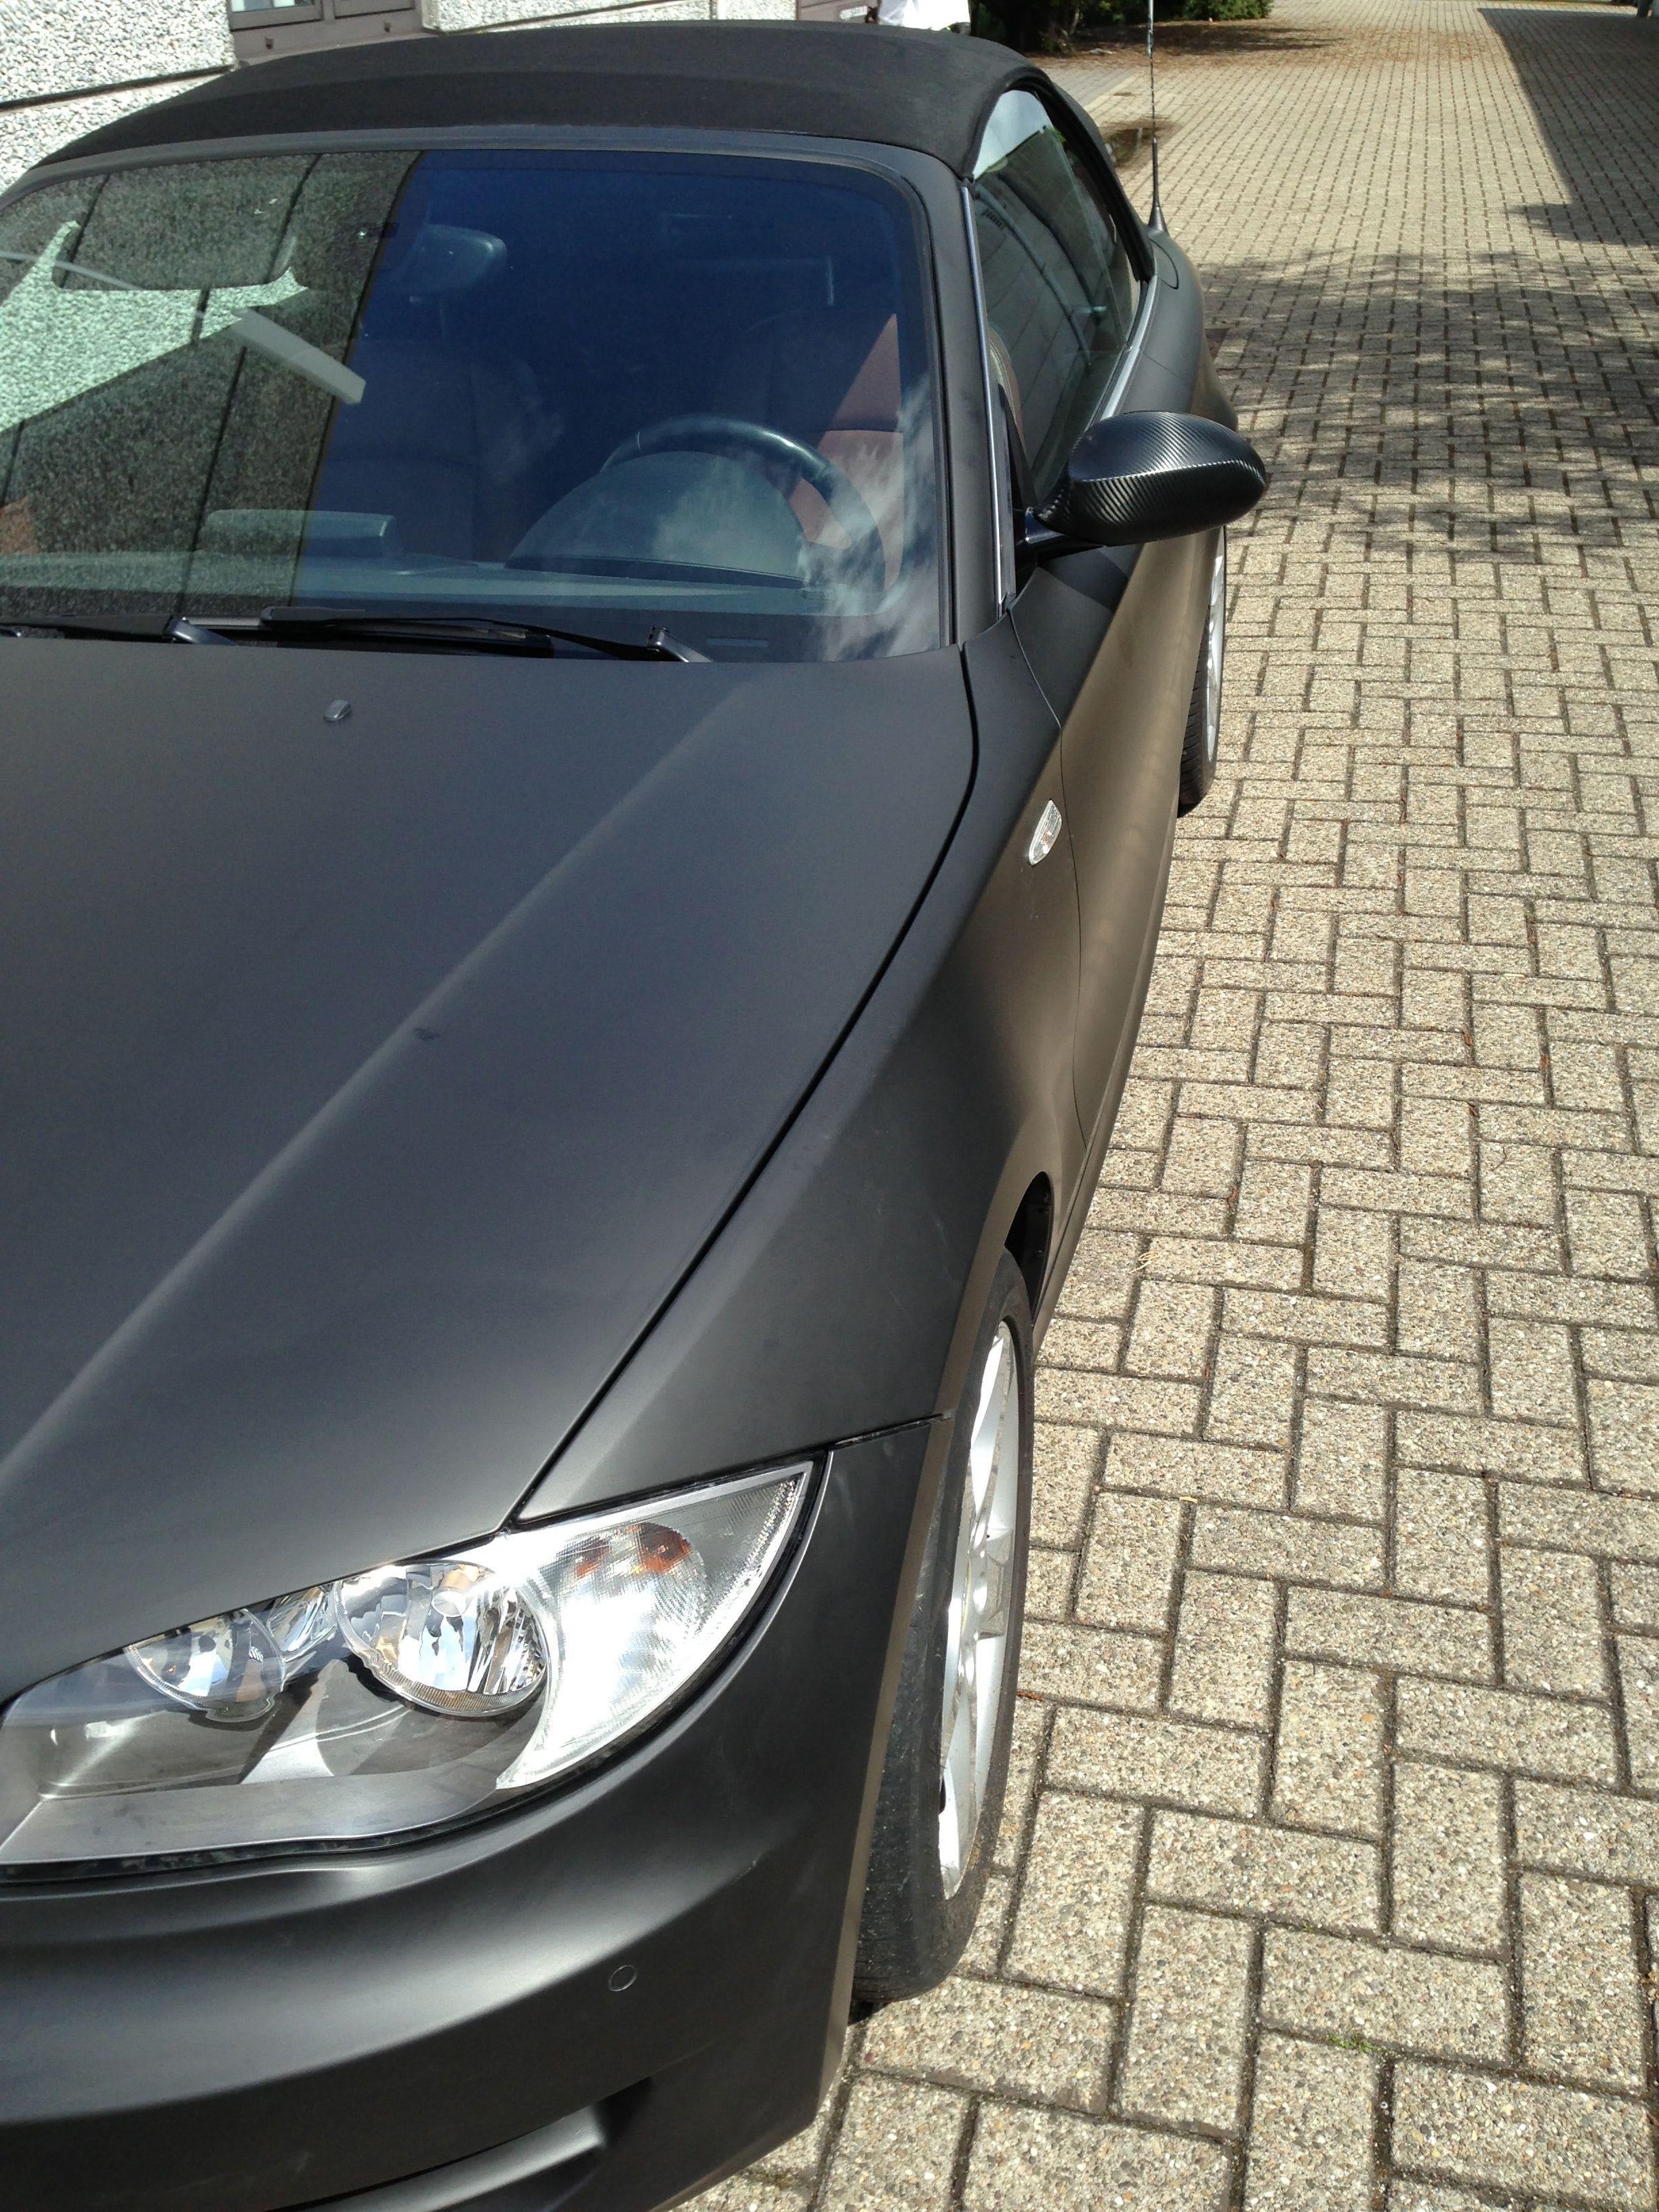 BMW 1 Serie Cabrio met Mat Zwarte Wrap, Carwrapping door Wrapmyride.nu Foto-nr:5192, ©2021